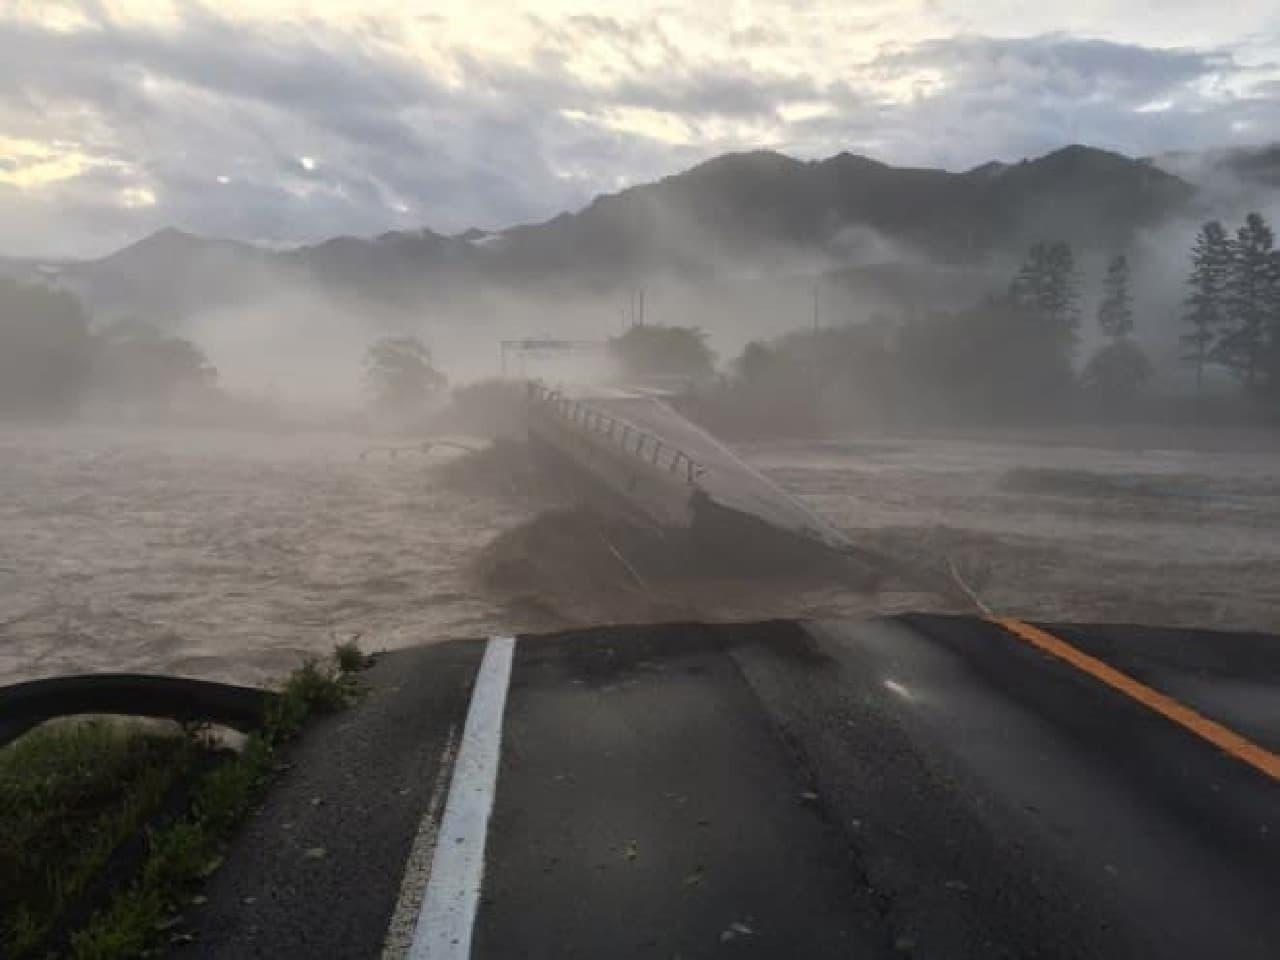 台風10号の被災状況を示す写真